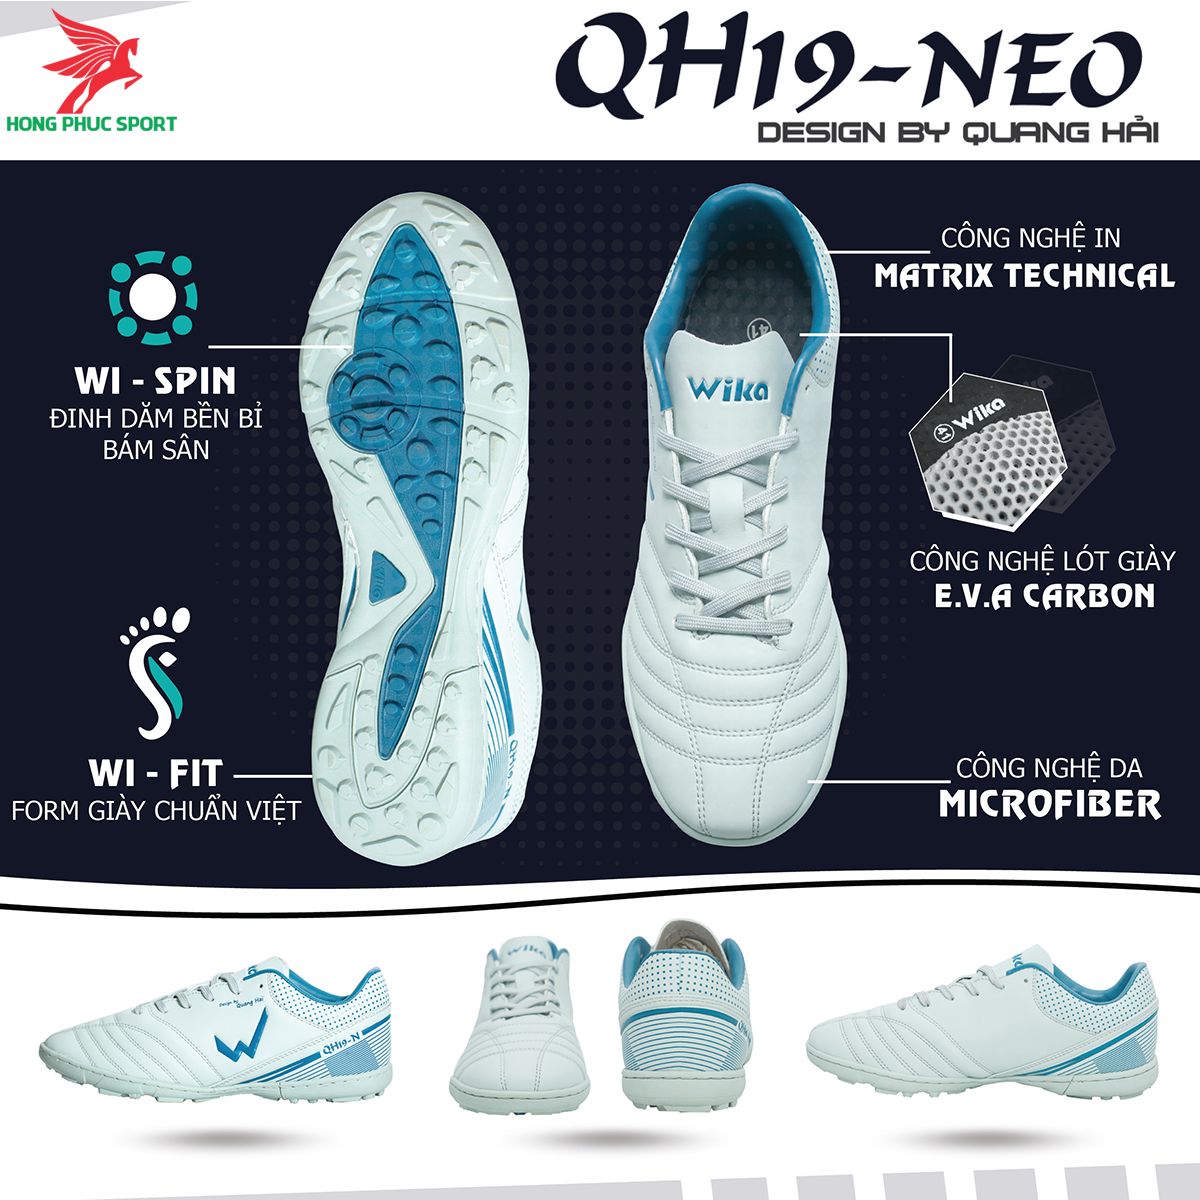 Giày đá banh Wika QH19 Neo sân cỏ nhân tạo màu Xám (1)